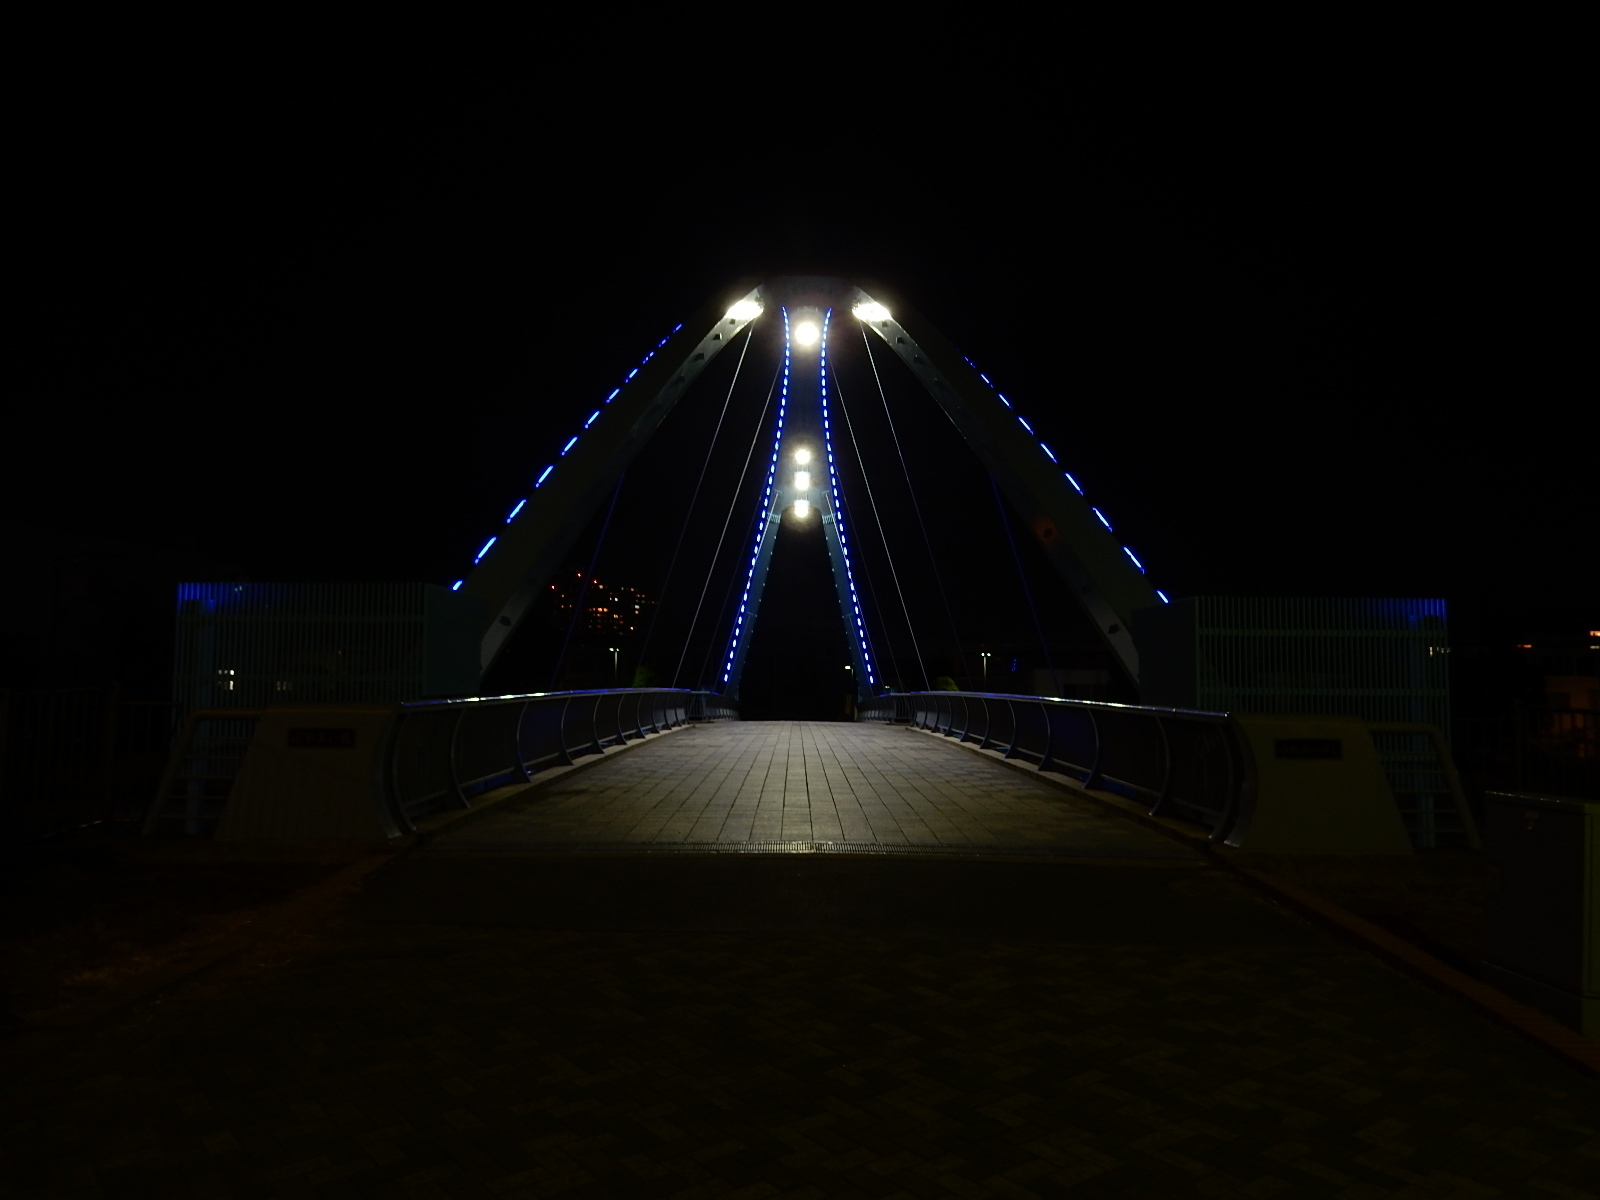 真夜中の照明を灯したふれあい橋3